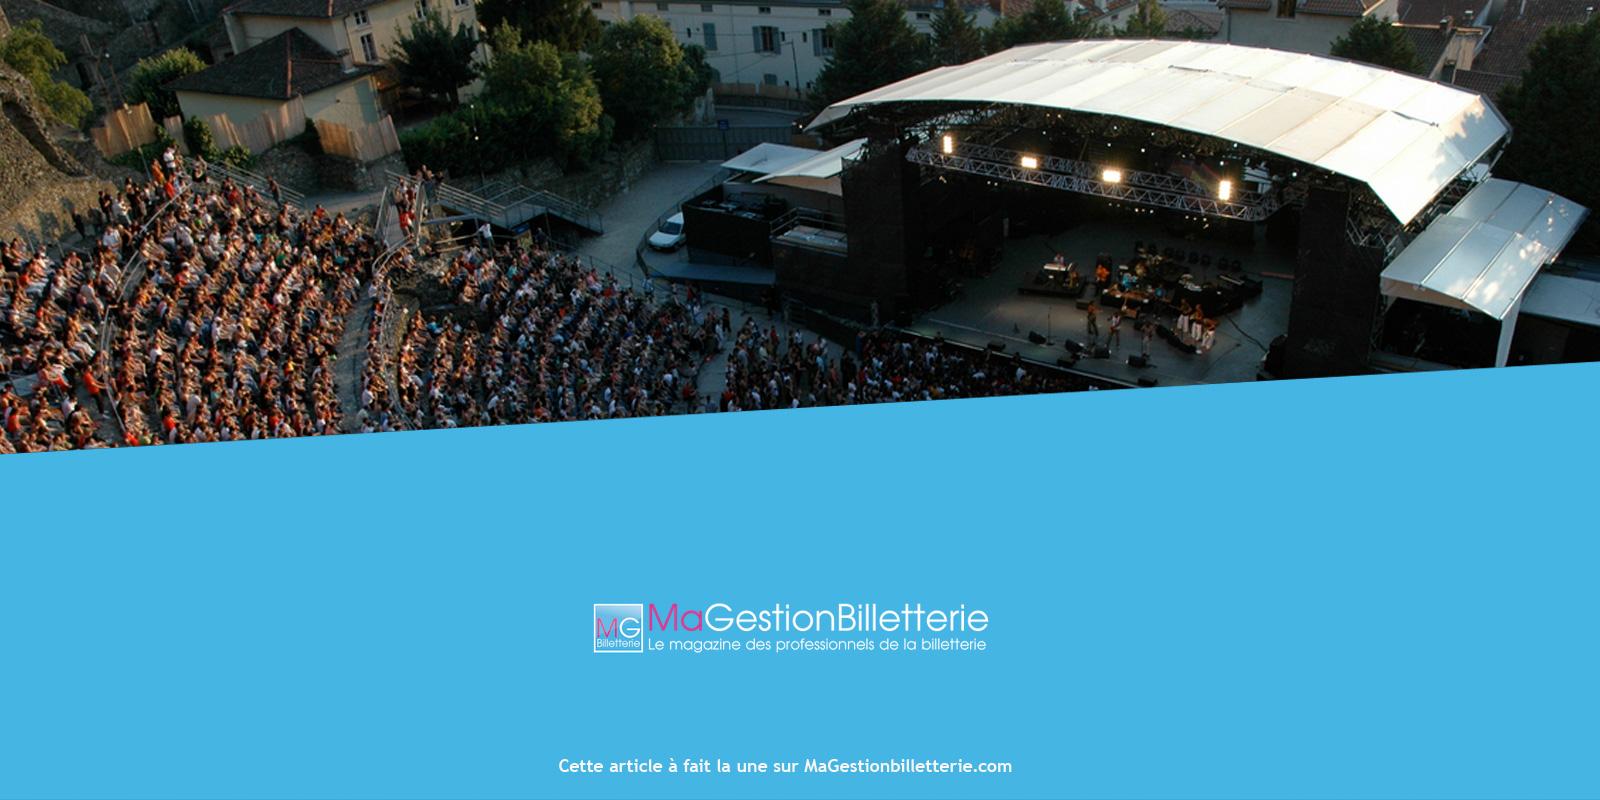 enquete-festival-une3